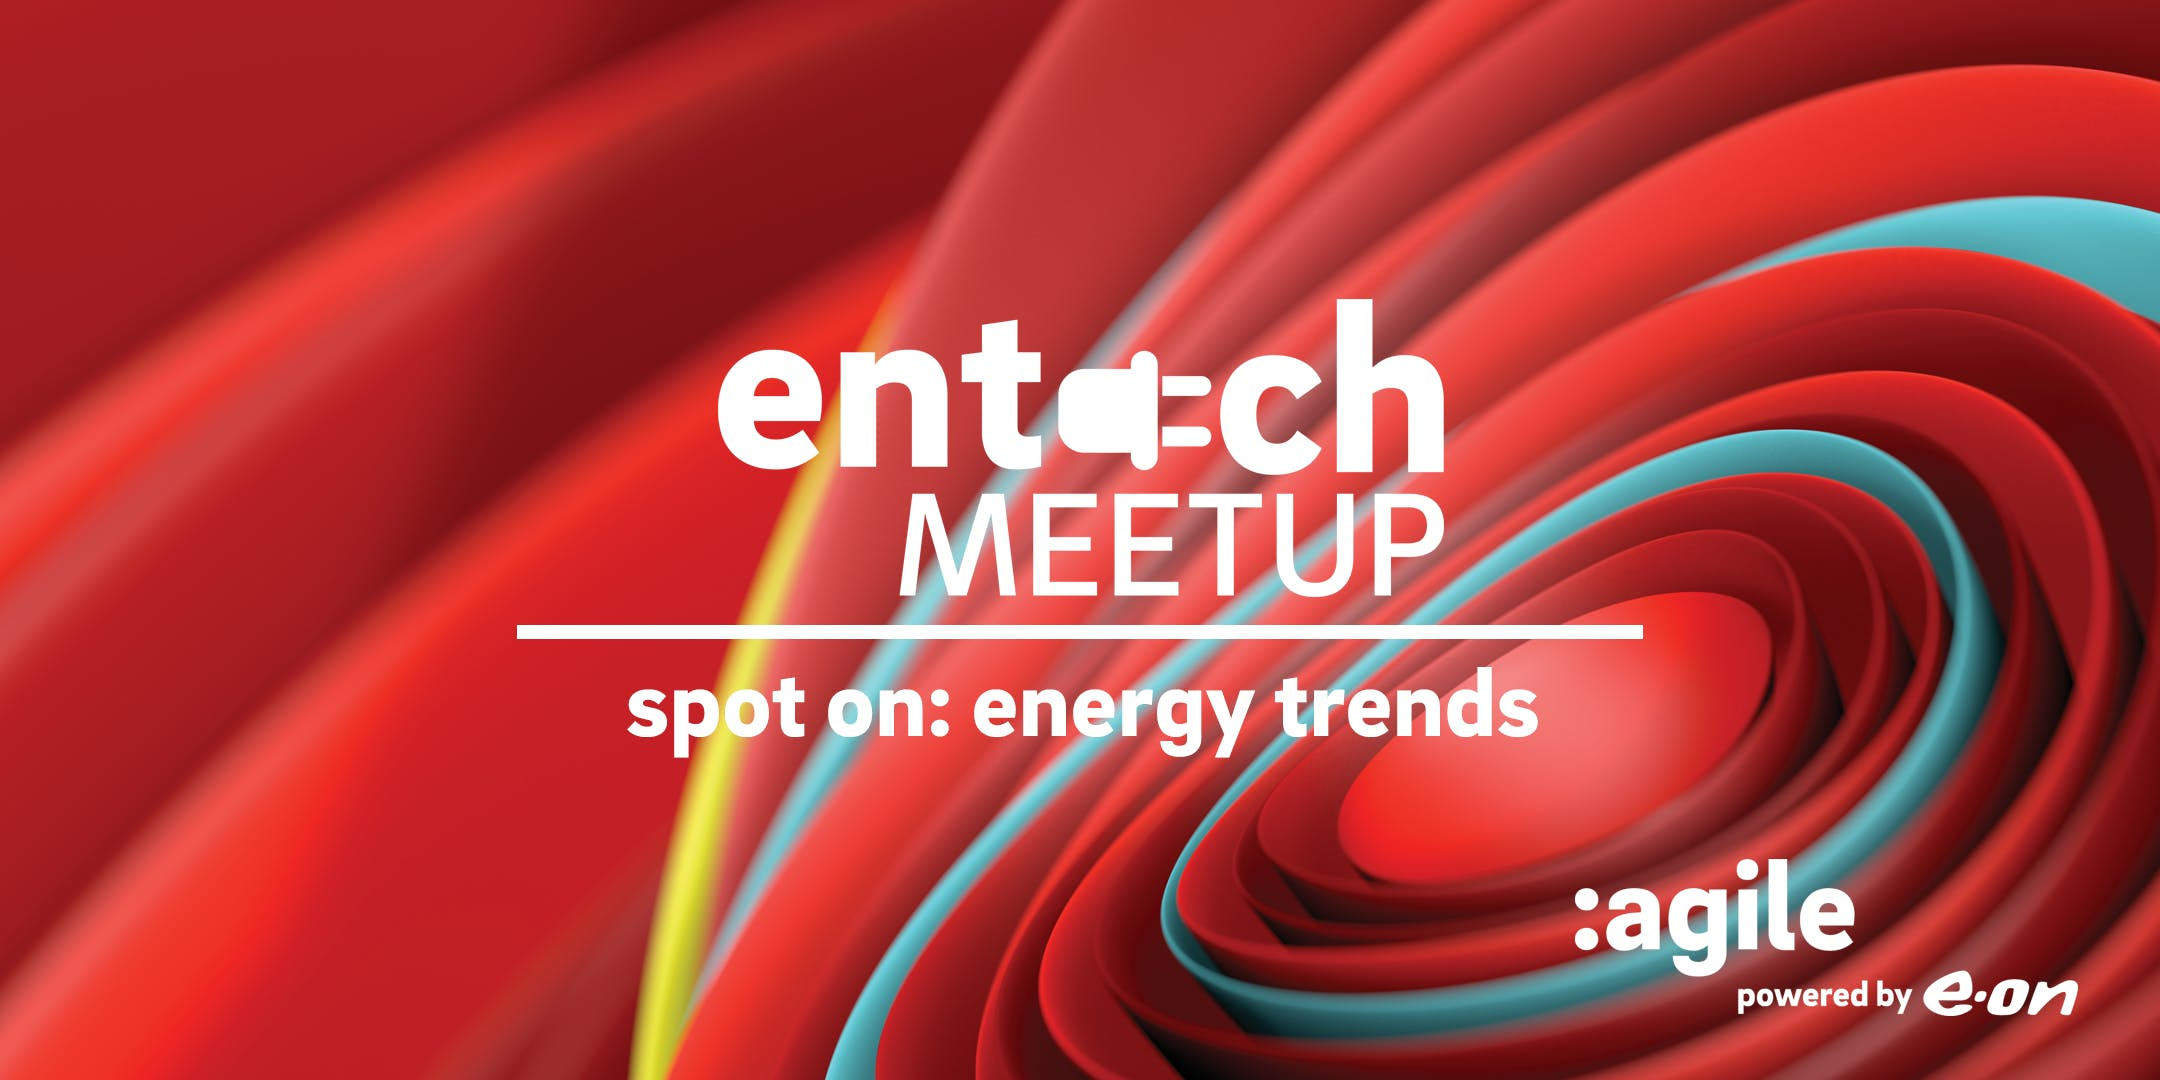 Energy Trends | entech MEETUP